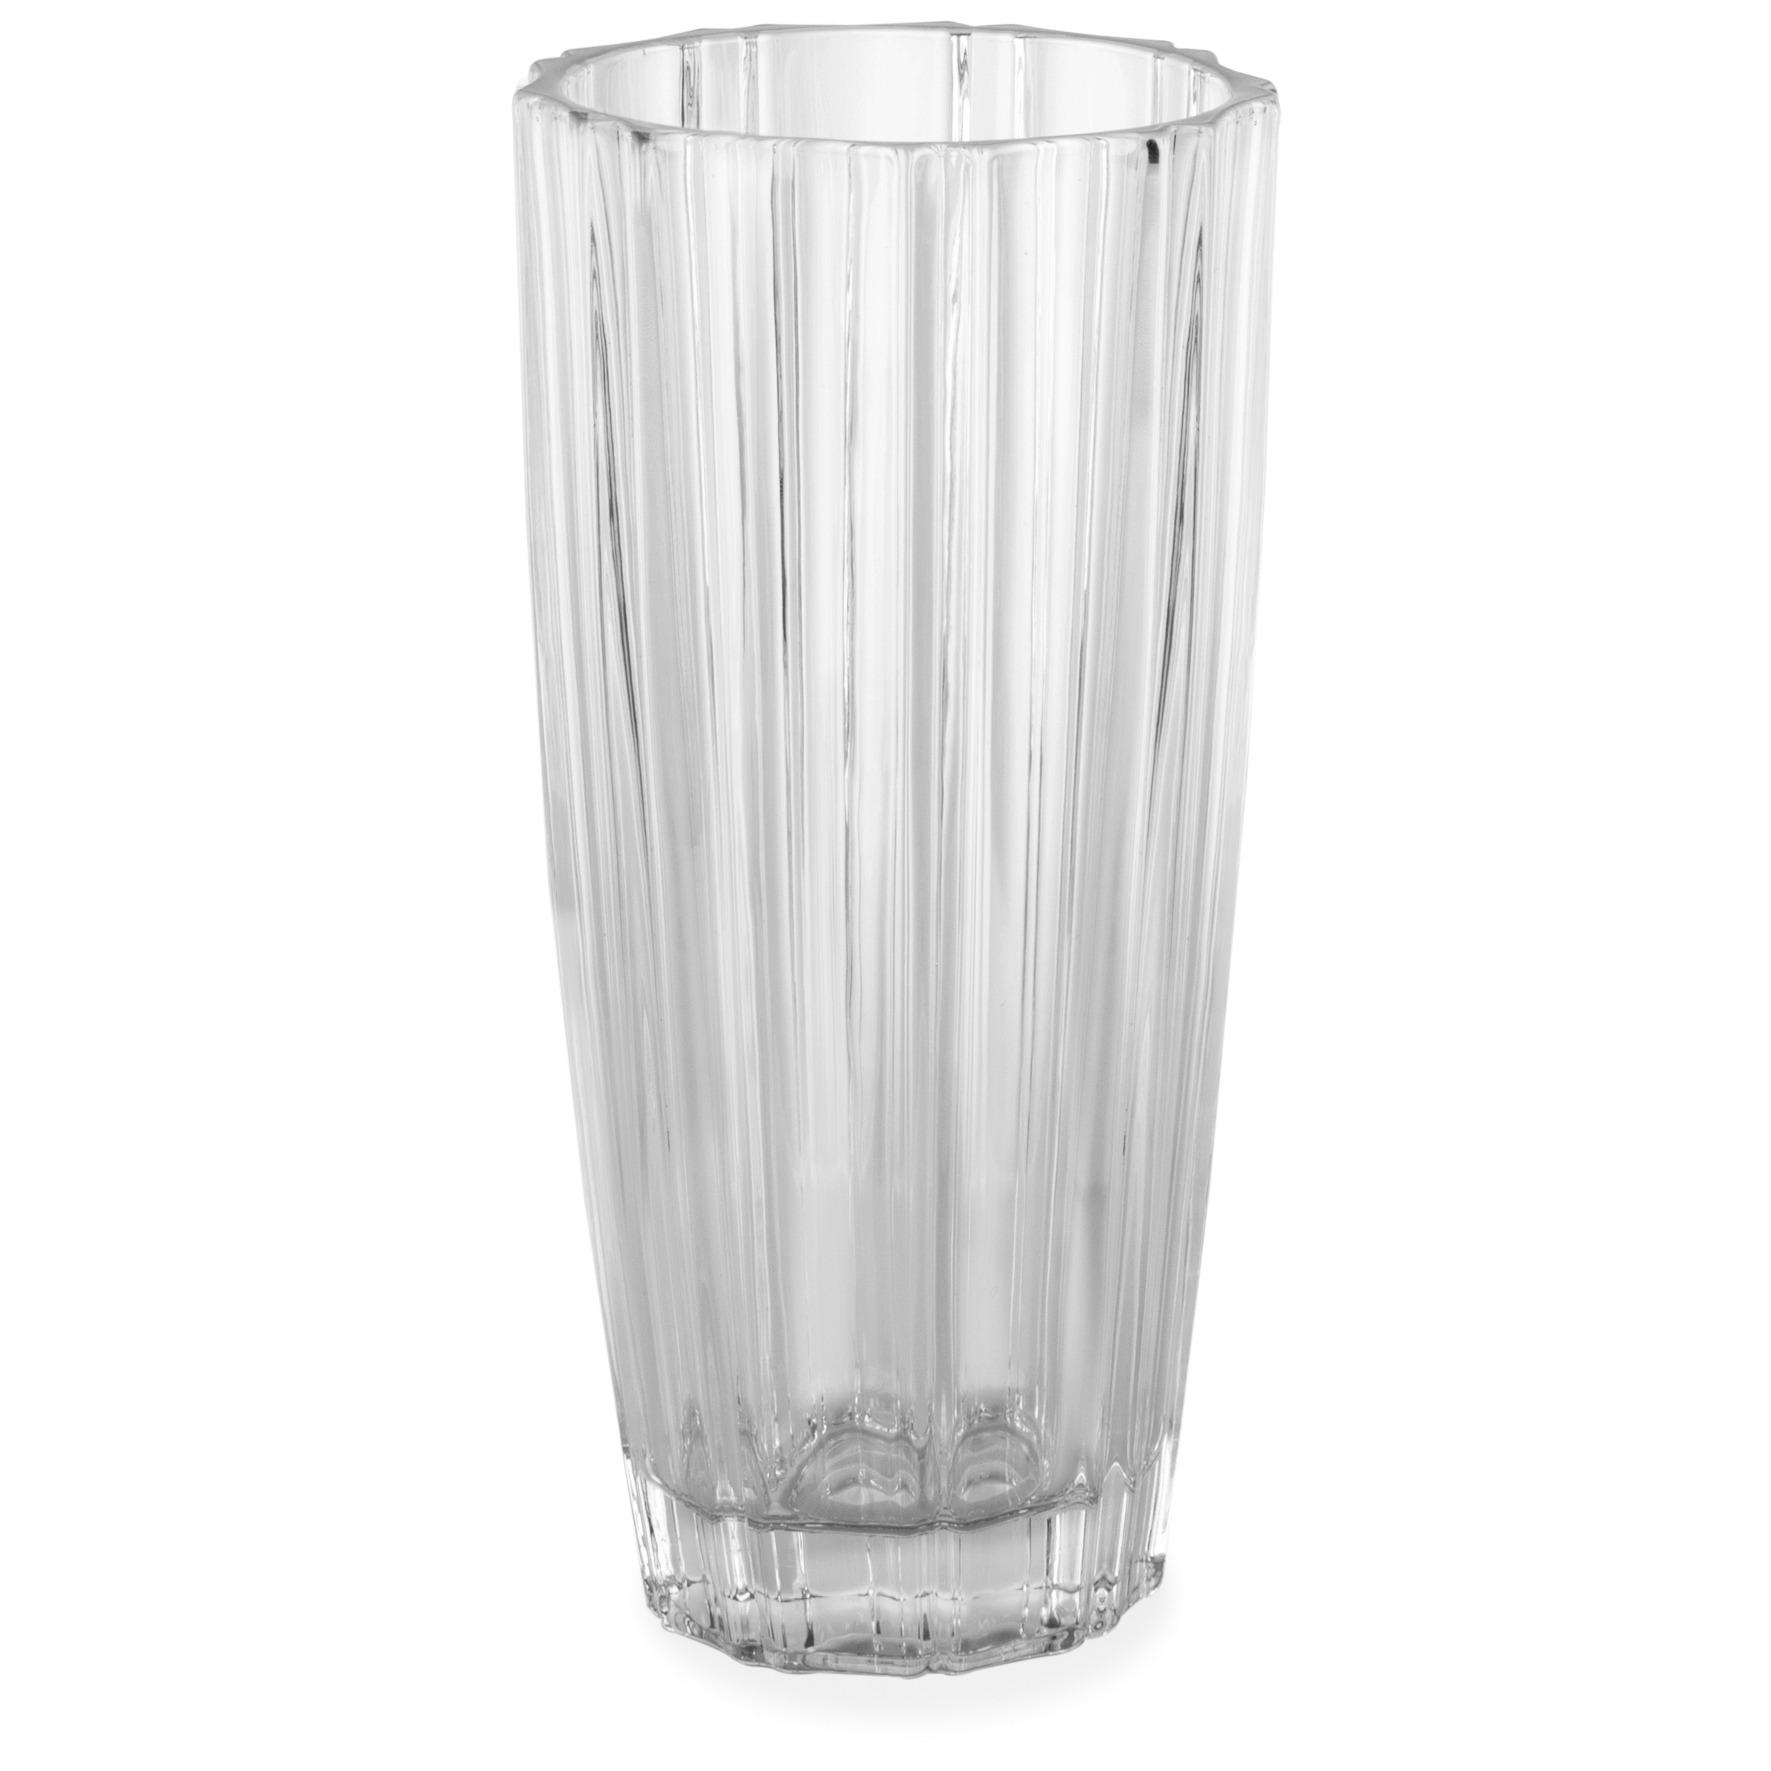 Vaso Decorativo Vidro Conico Siena Incolor 6400 - Mimo